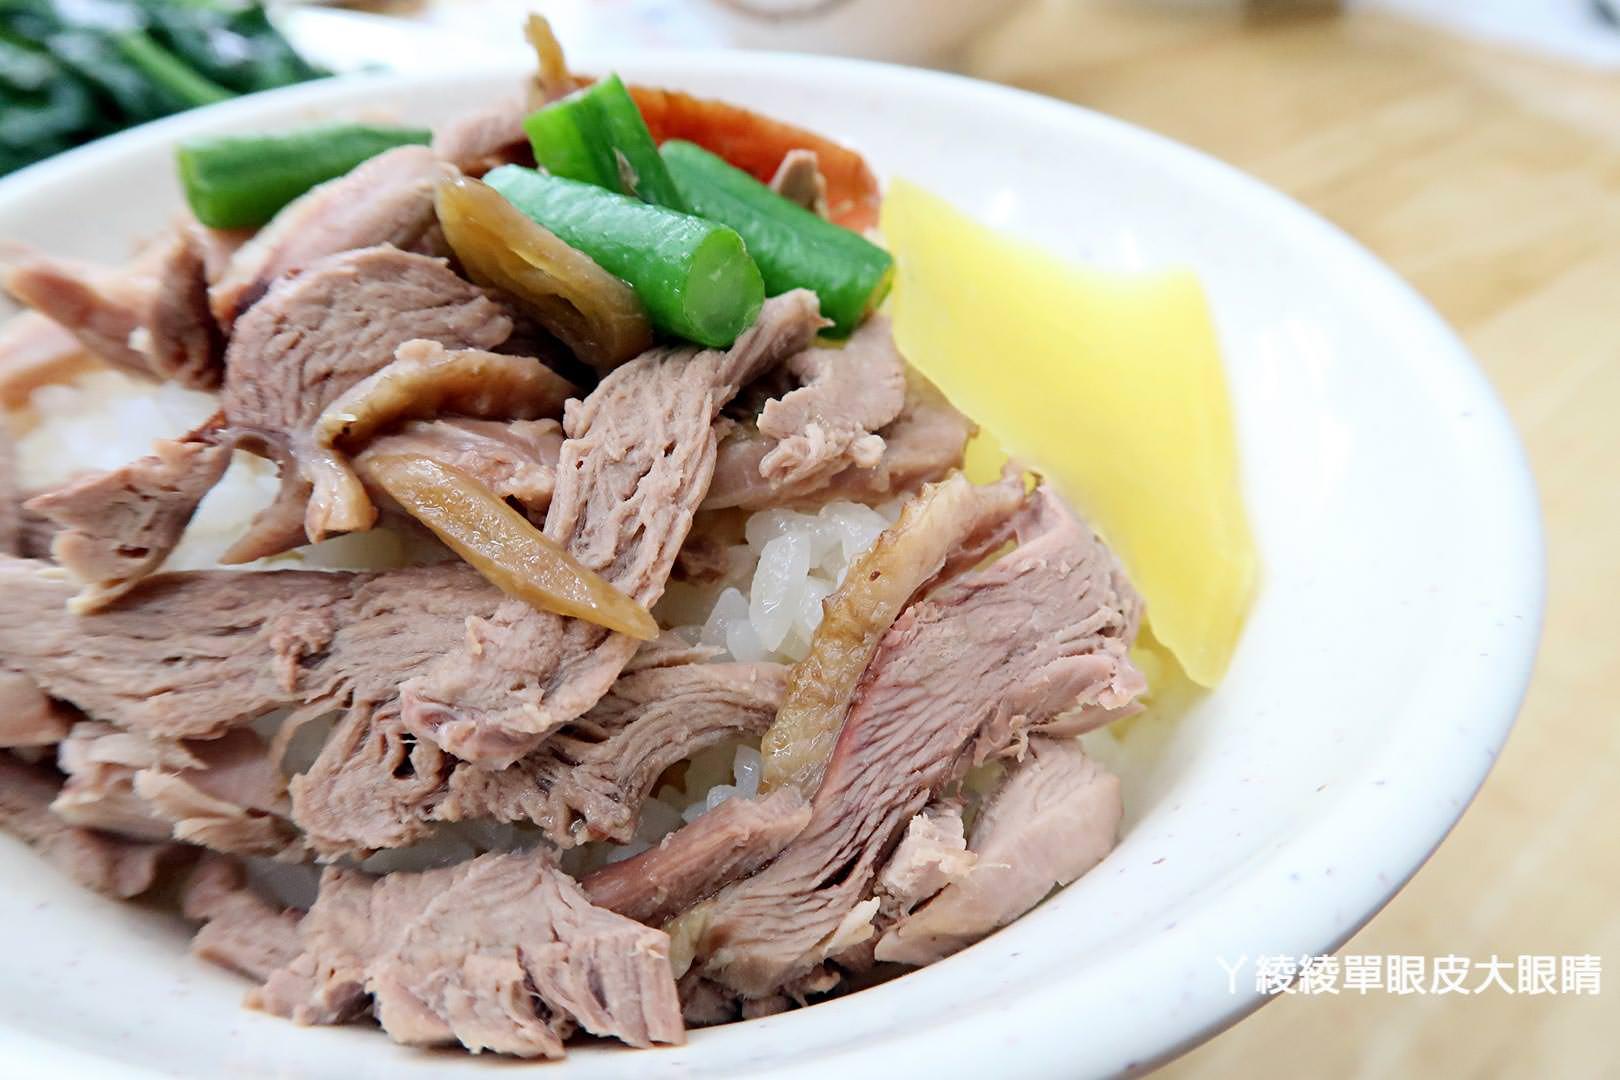 新北永和平價小吃,推薦樂華夜市銅板美食《鐘點棧 當歸鴨鴨肉飯專賣店》